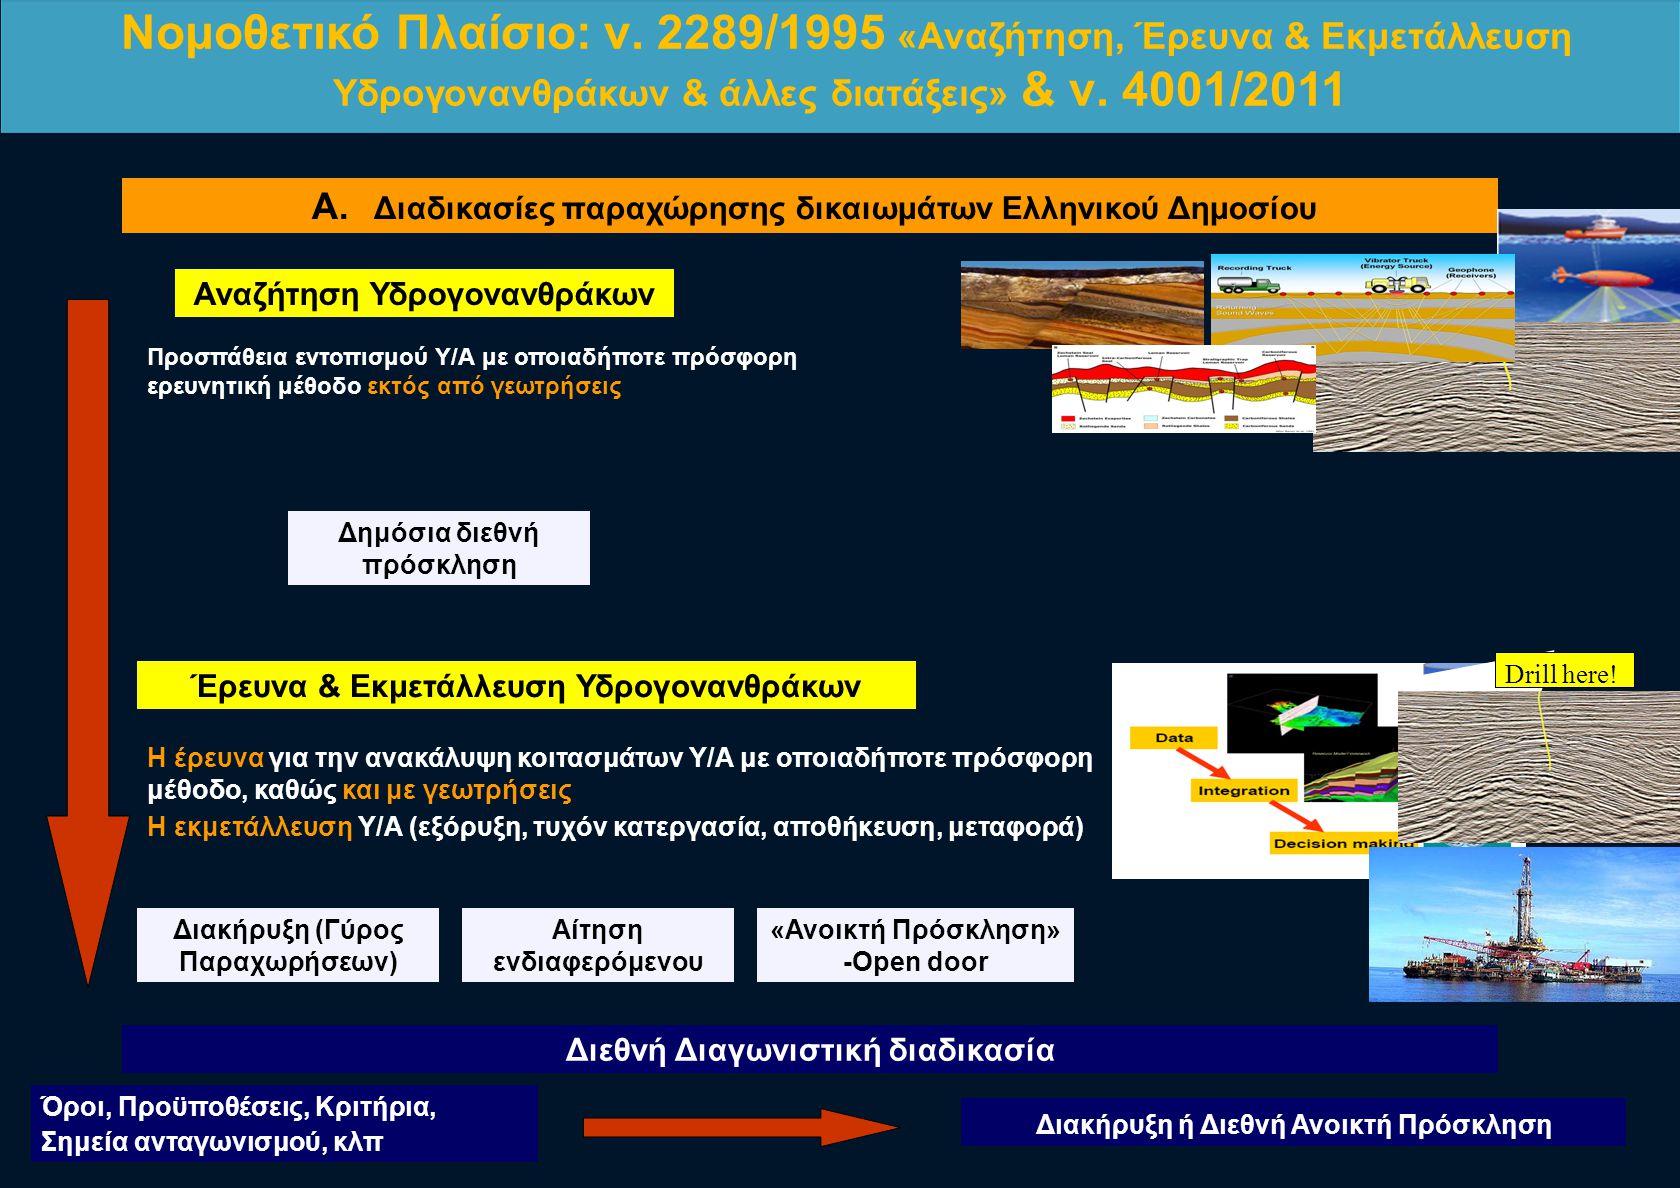 Συστήματα Διαχείρισης Υγείας, Ασφάλεια και Περιβάλλοντος (Health, Safety & Environment Management Systems – HSEMS) ΕταιρείεςΚράτος Ολοκληρωμένο Κανονιστικό Πλαίσιο για την Υγεία, την Ασφάλεια και το Περιβάλλον Από την «περιοριστική προσέγγιση» - «διοίκηση και έλεγχος» στην «προσέγγιση βάσει απόδοσης» Επιχειρησιακό σχέδιο-στόχοι απόδοση Υγεία, Ασφάλεια Περιβάλλον: ενιαίο σύνολο (ΗSE Framework) Εγκατάσταση: ενιαία λειτουργική οντότητα Δημόσια πληροφόρηση, κοινωνική διαβούλευση Διαχείριση κινδύνου Ετοιμότητα αντιμετώπισης έκτακτης ανάγκης Έλεγχος & Εποπτεία (ανεξάρτητες Αρχές) Ορθολογική και βιώσιμη εκμετάλλευση πετρελαίου και φ.